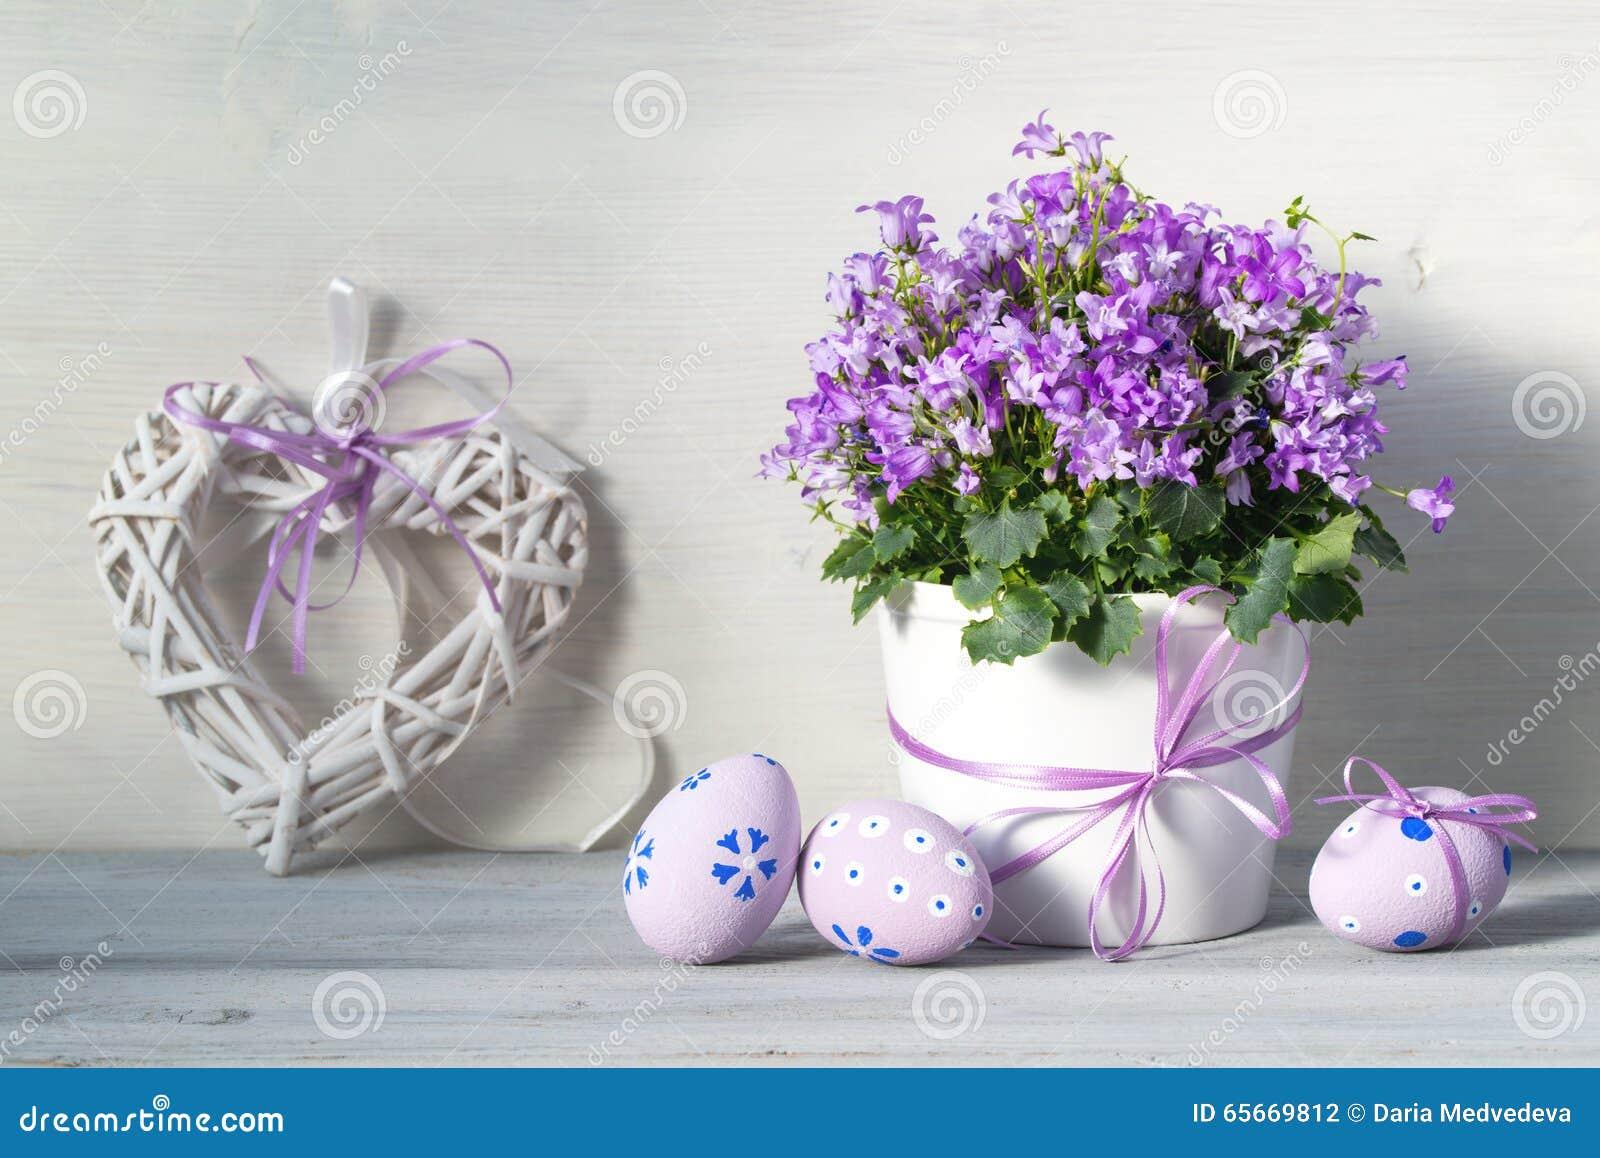 Διακοσμήσεις Πάσχας με τα αυγά Πάσχας, ένα δοχείο των πορφυρών λουλουδιών άνοιξη και καρδιά σε ένα άσπρο ξύλινο υπόβαθρο